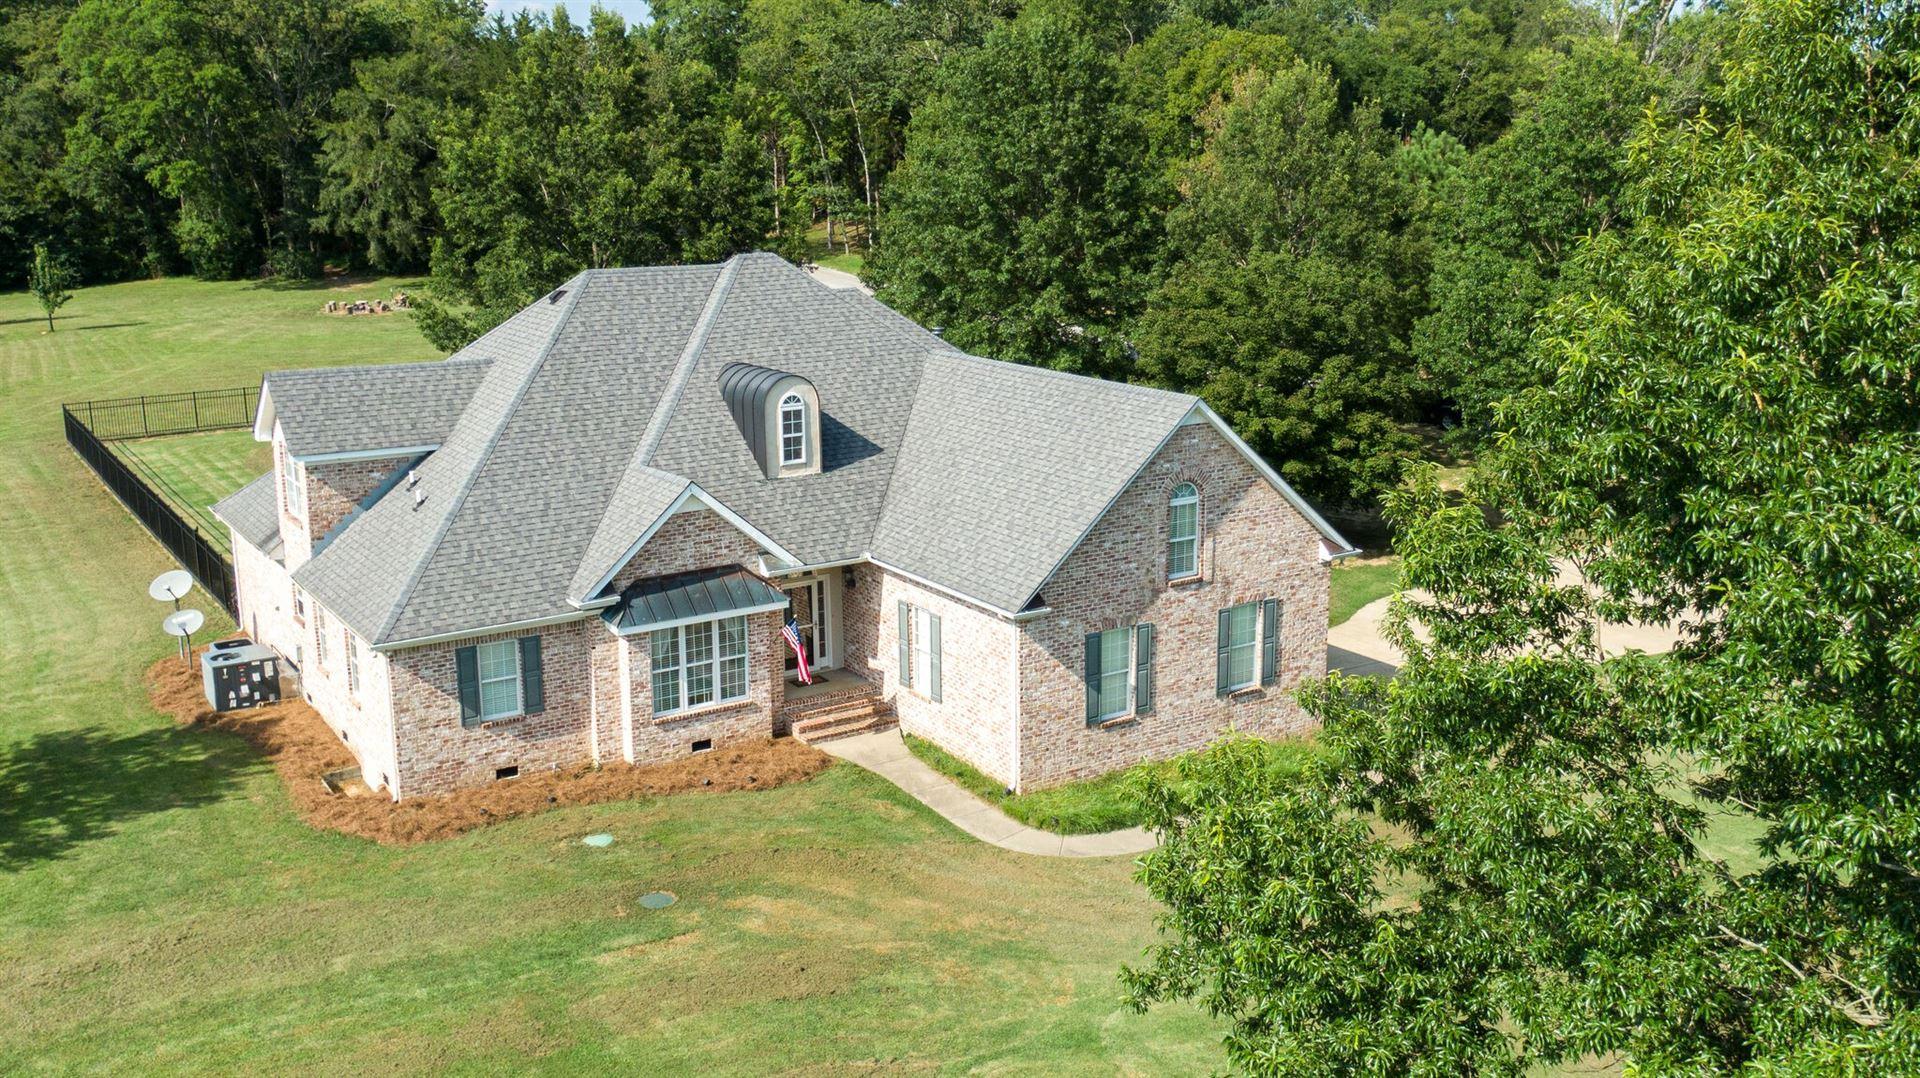 Photo of 3094 Duplex Rd, Spring Hill, TN 37174 (MLS # 2178152)